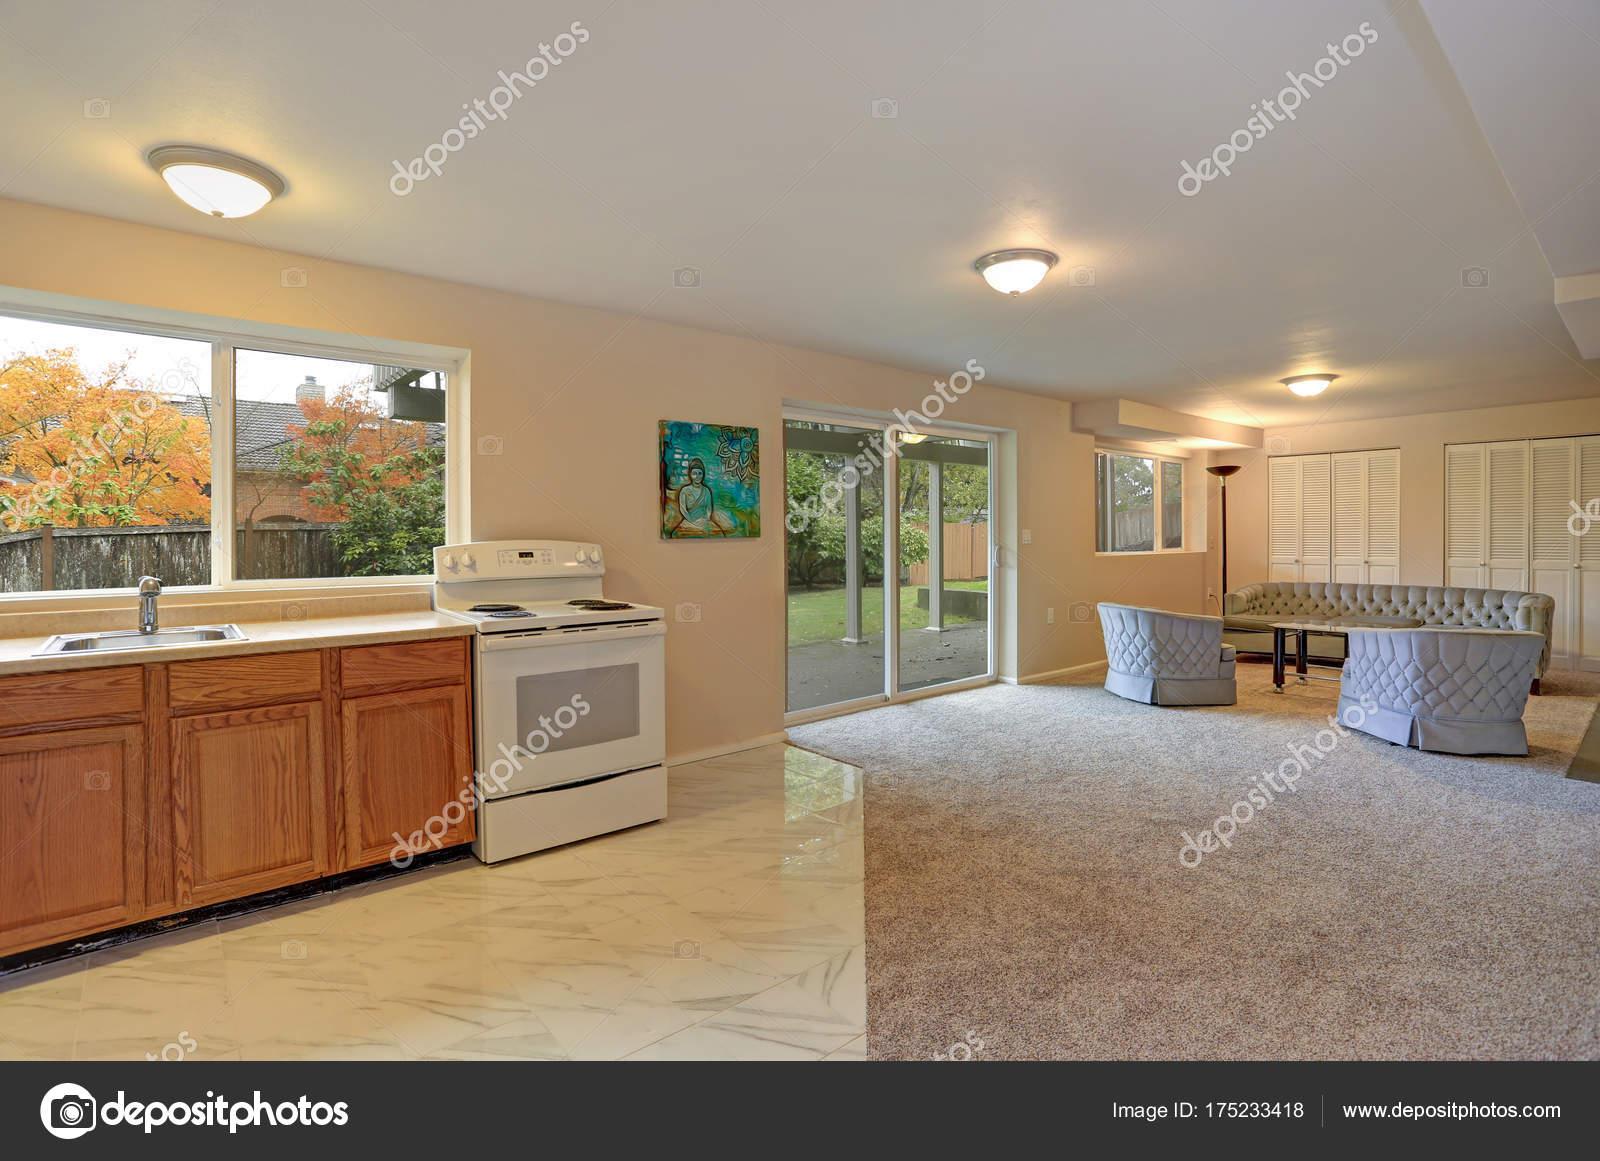 Mooi gerenoveerd interieur, keuken en woonkamer — Stockfoto © alabn ...